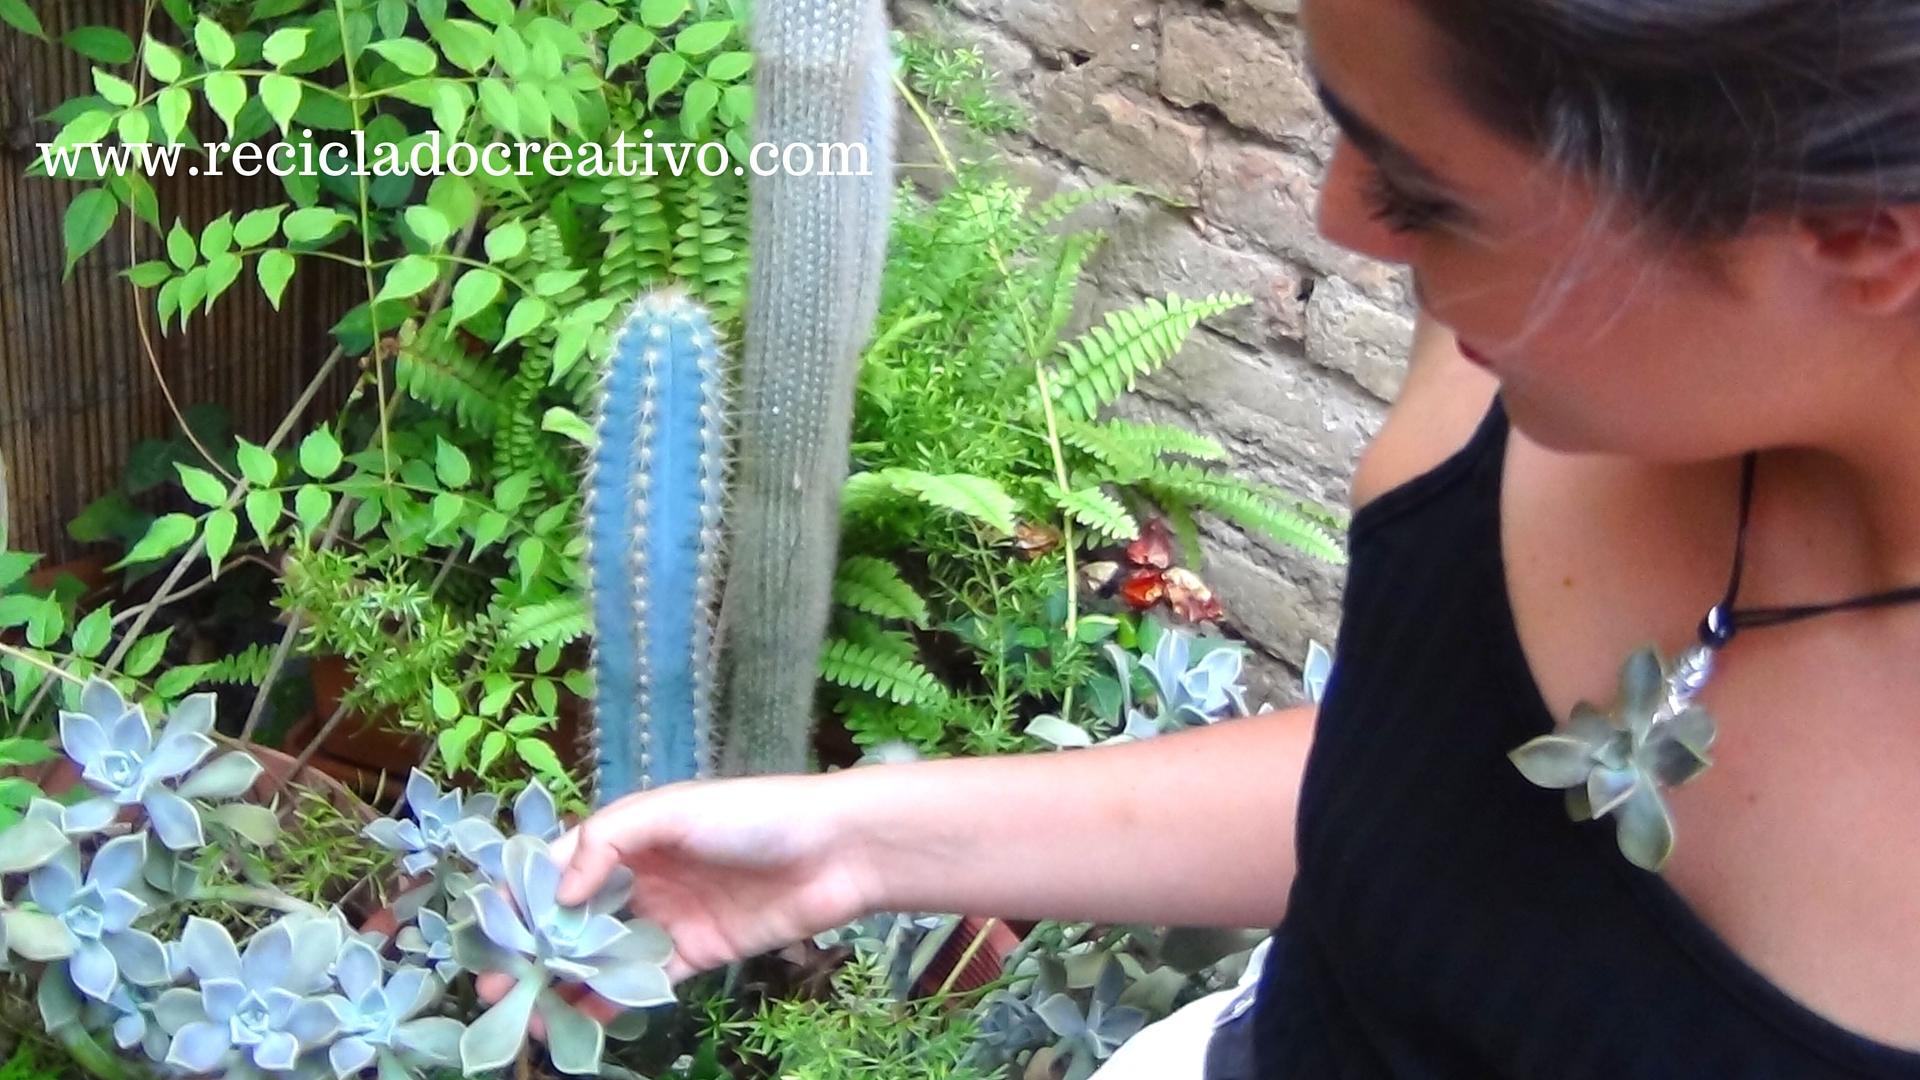 Bisutería con plantas suculentas y un tapón de corcho reciclado